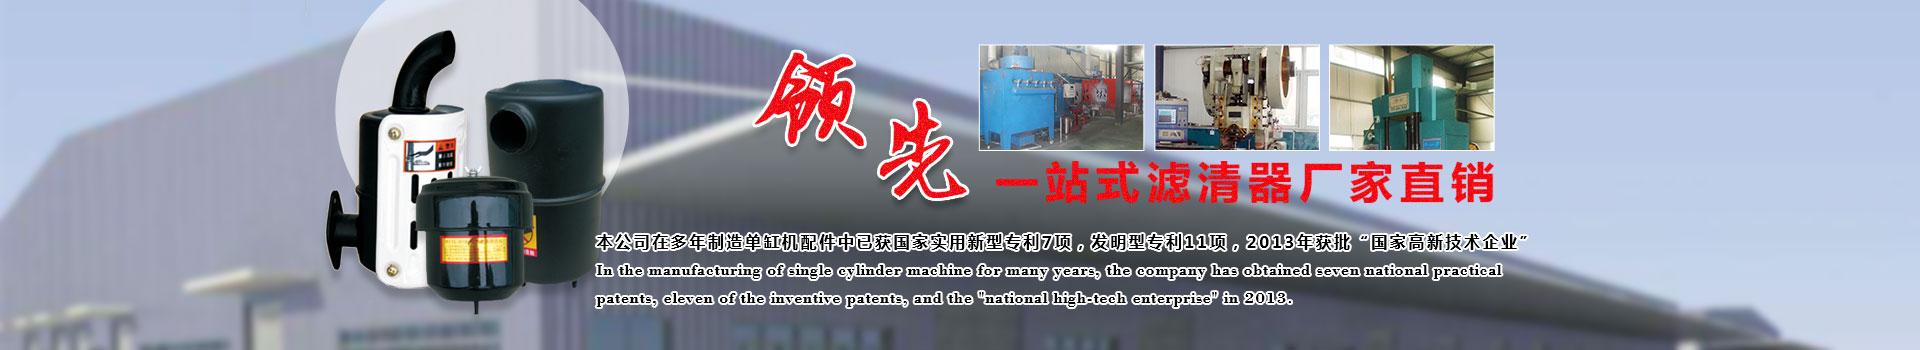 产品中心,空气滤清器公司